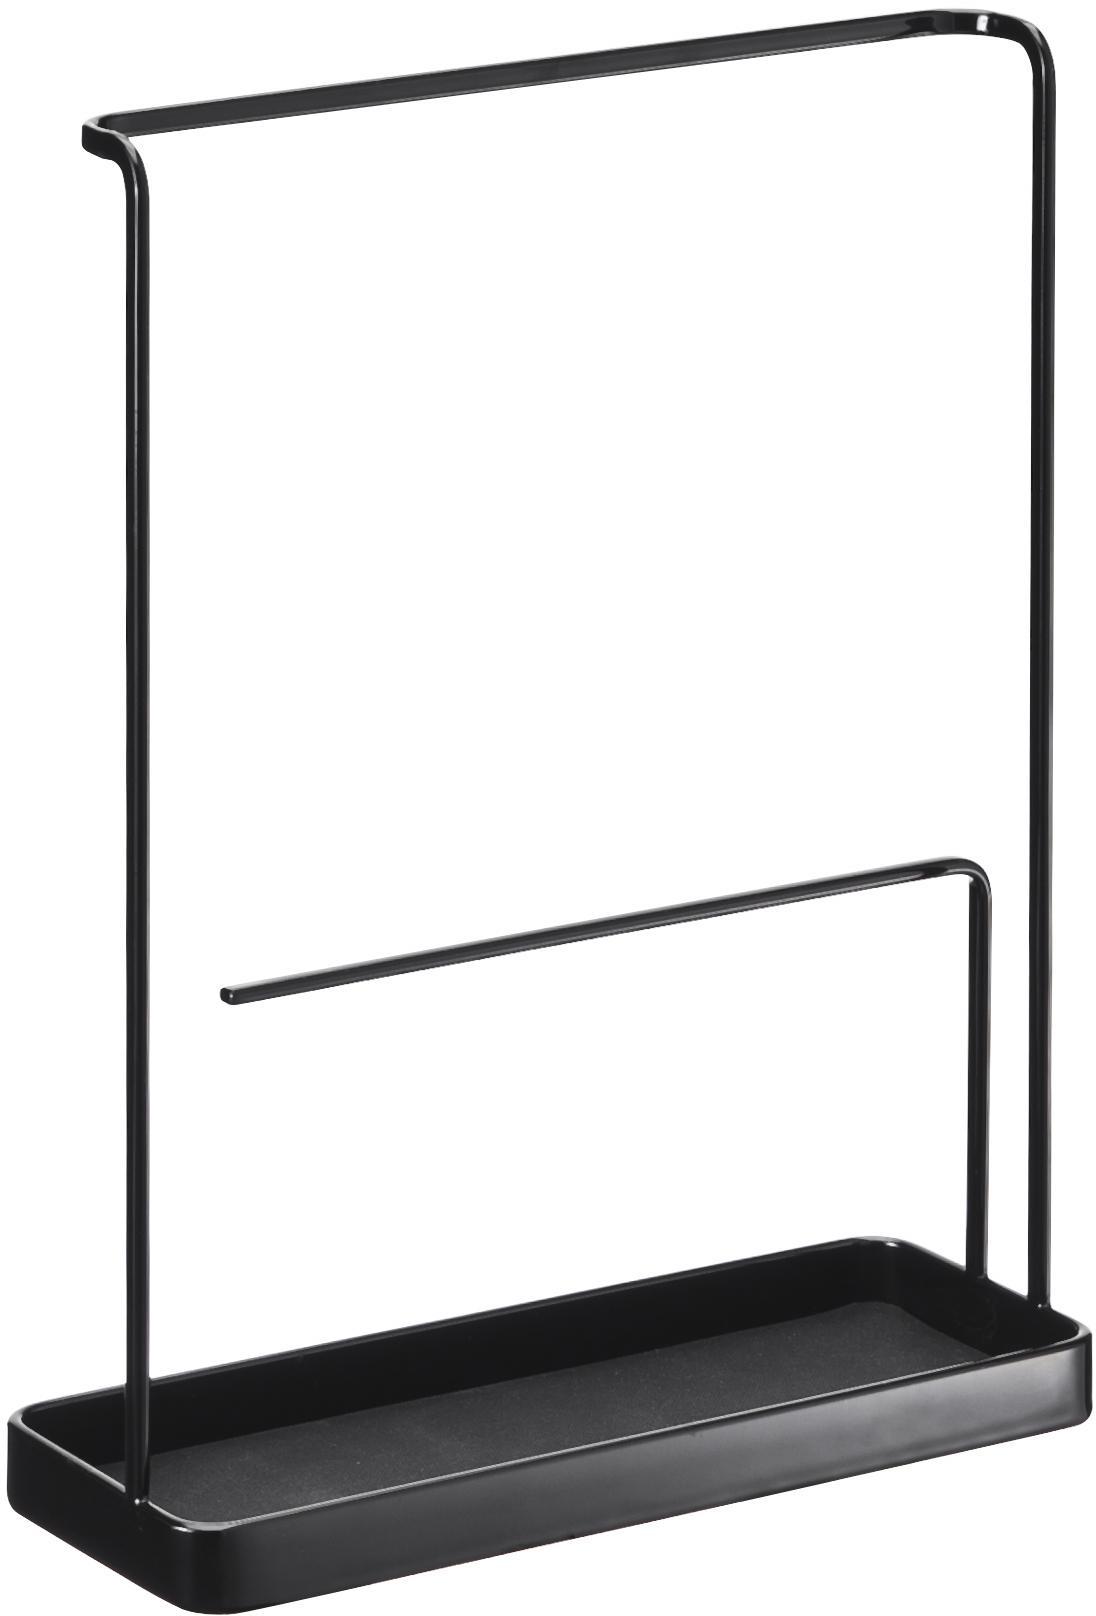 Sieradenhouder Tower, Gelakt staal, Zwart, 20 x 26 cm